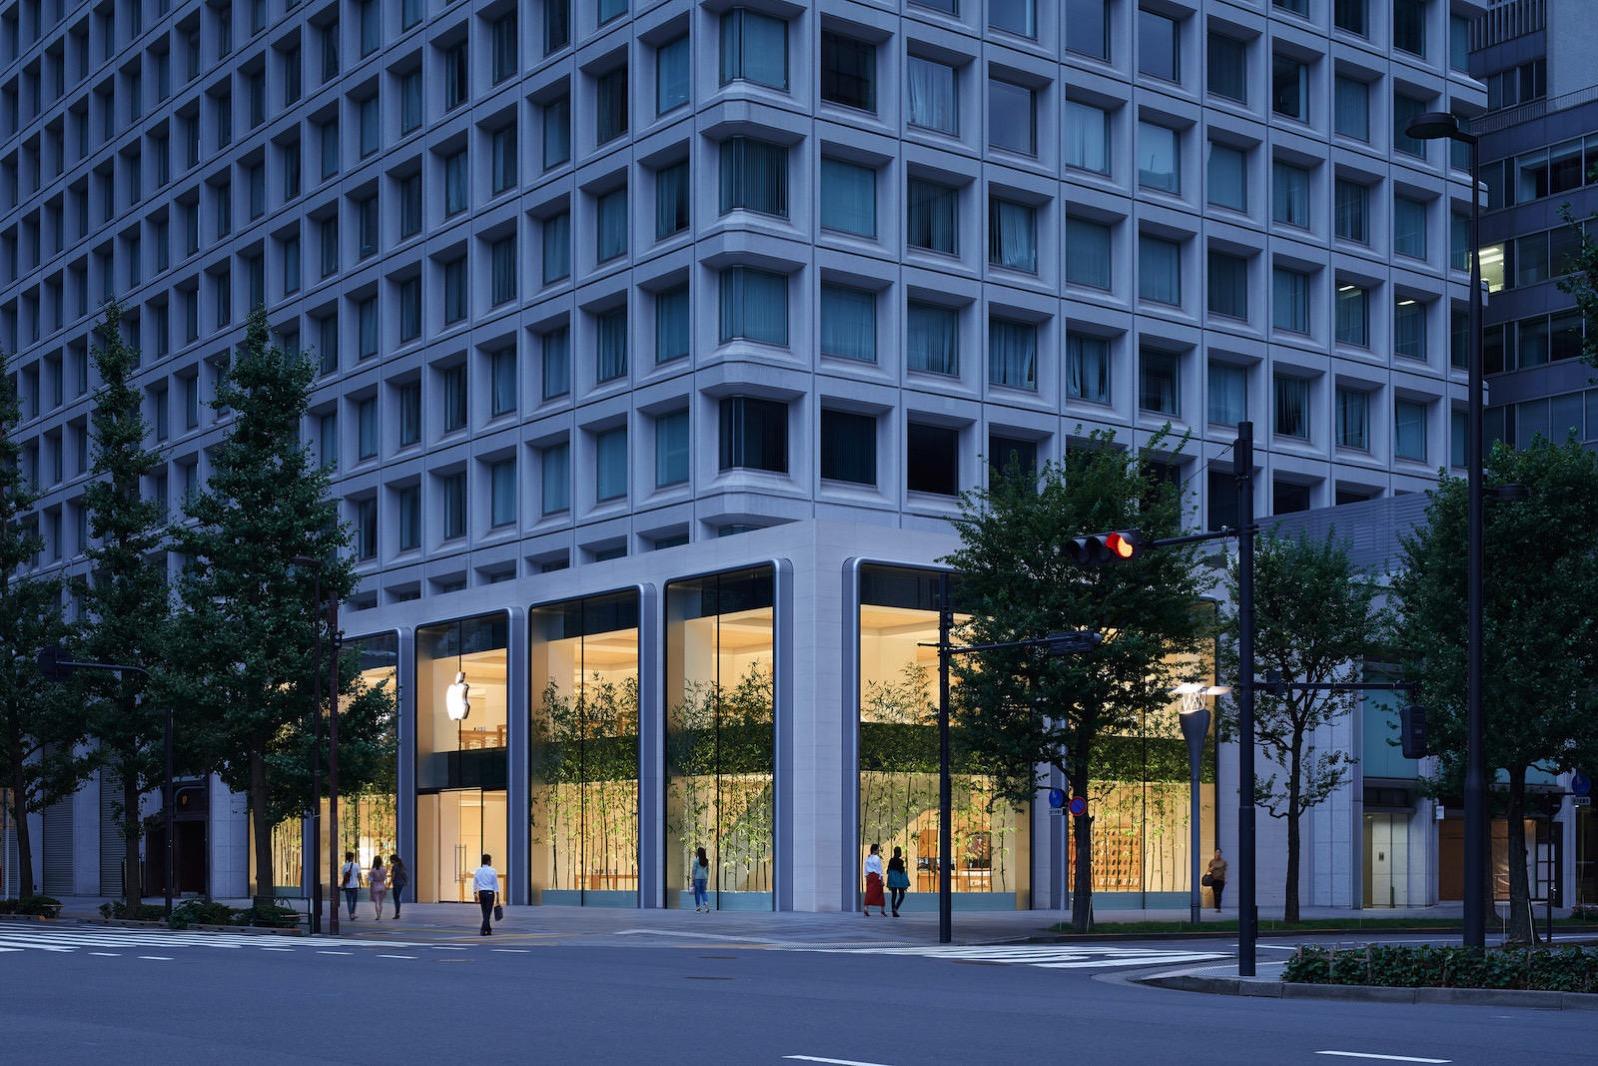 Apple-largest-store-in-Japan-opens-saturday-in-Tokyo-090419.jpg